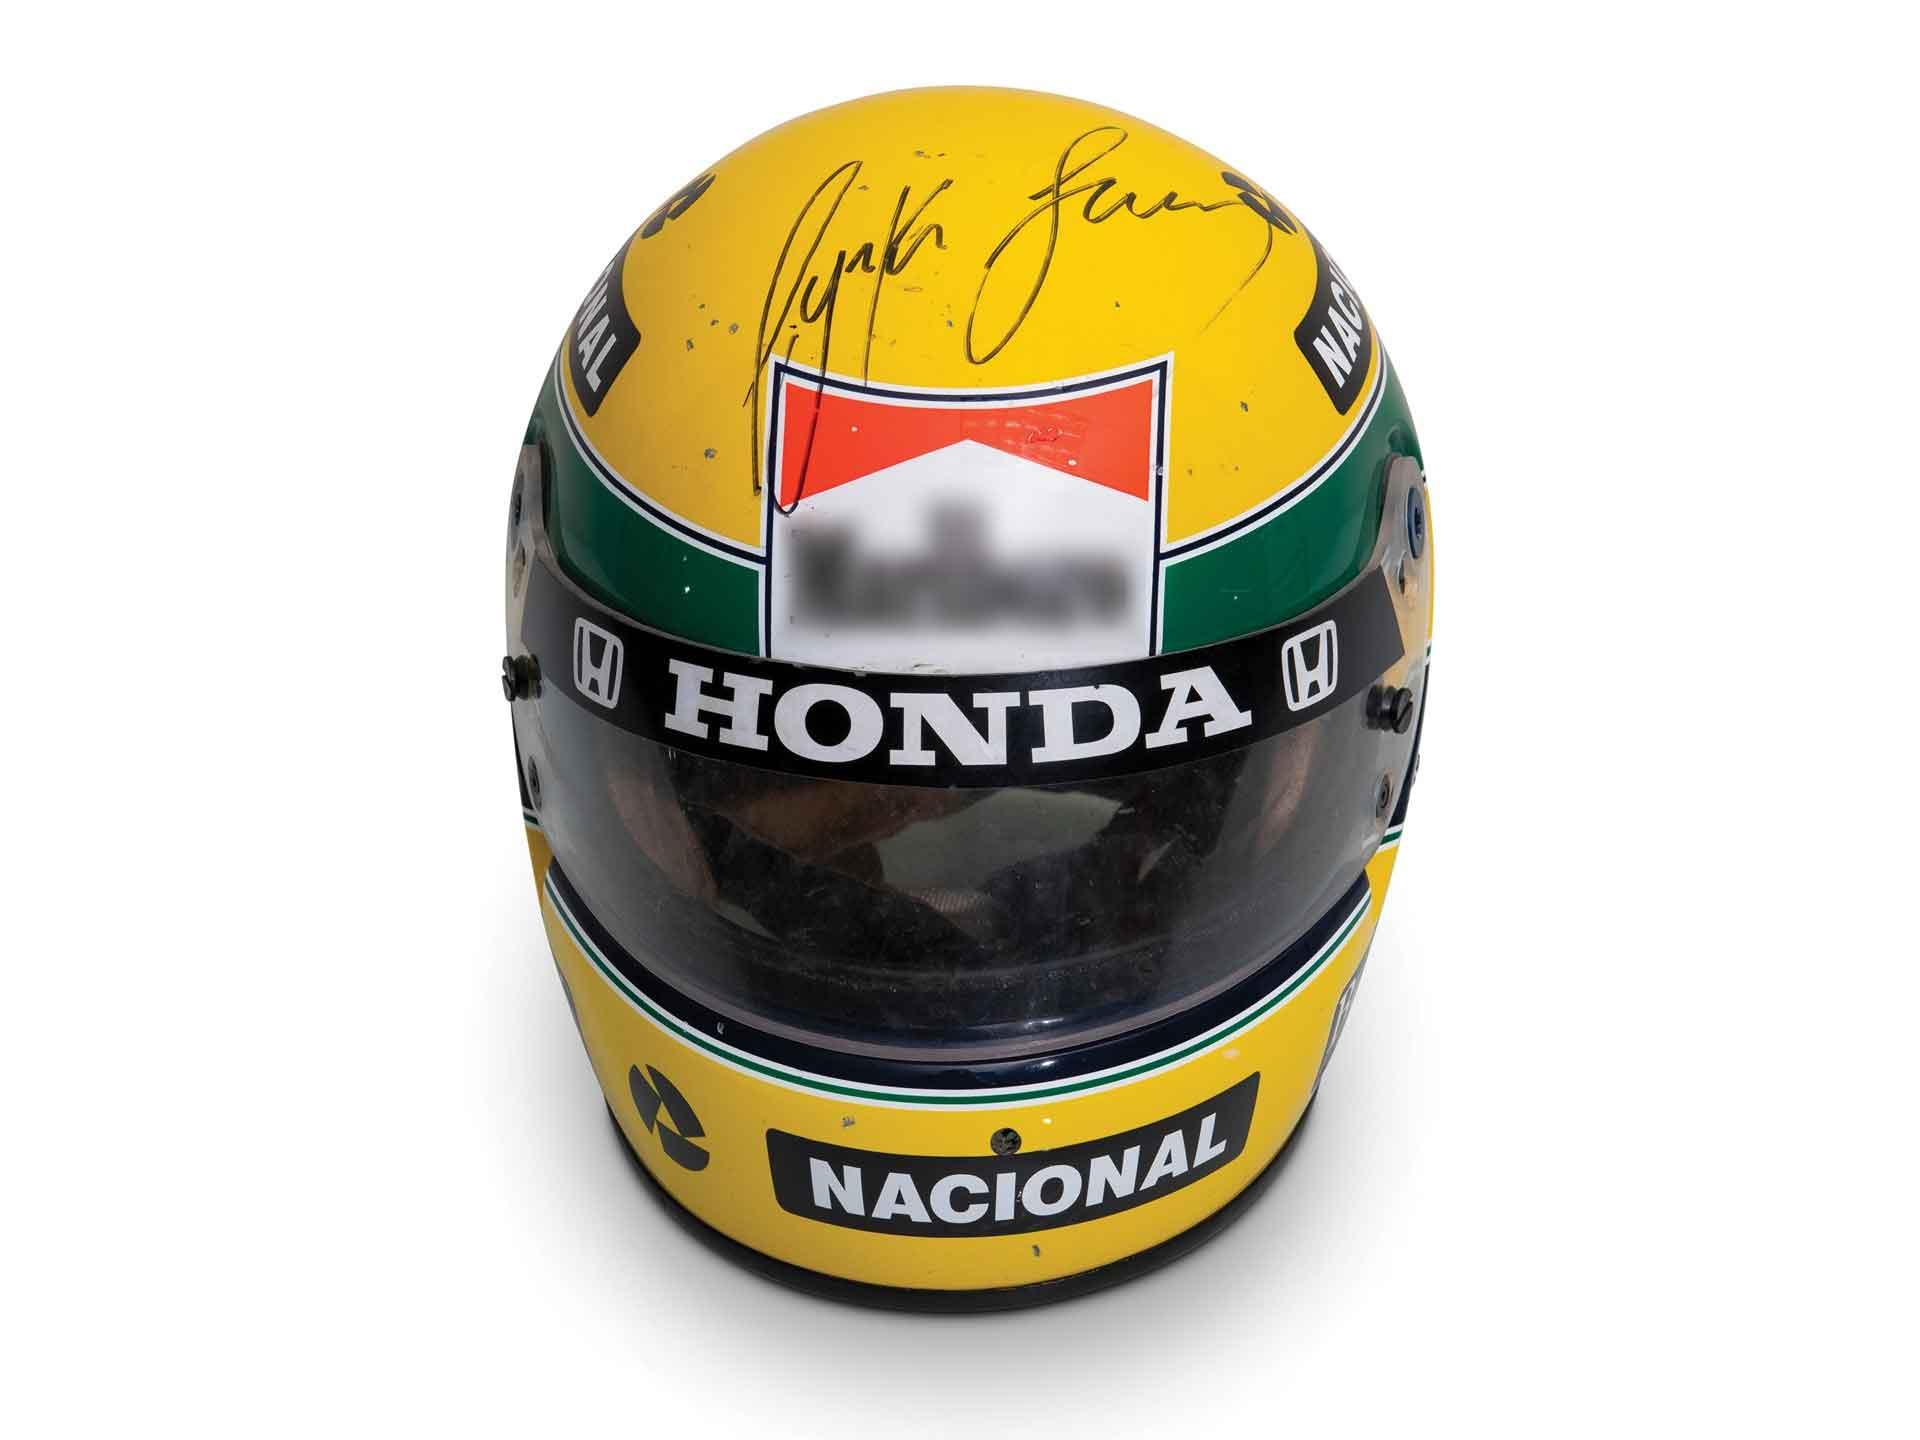 Capacete autografado de Ayrton Senna é vendido por mais de R$ 400 mil